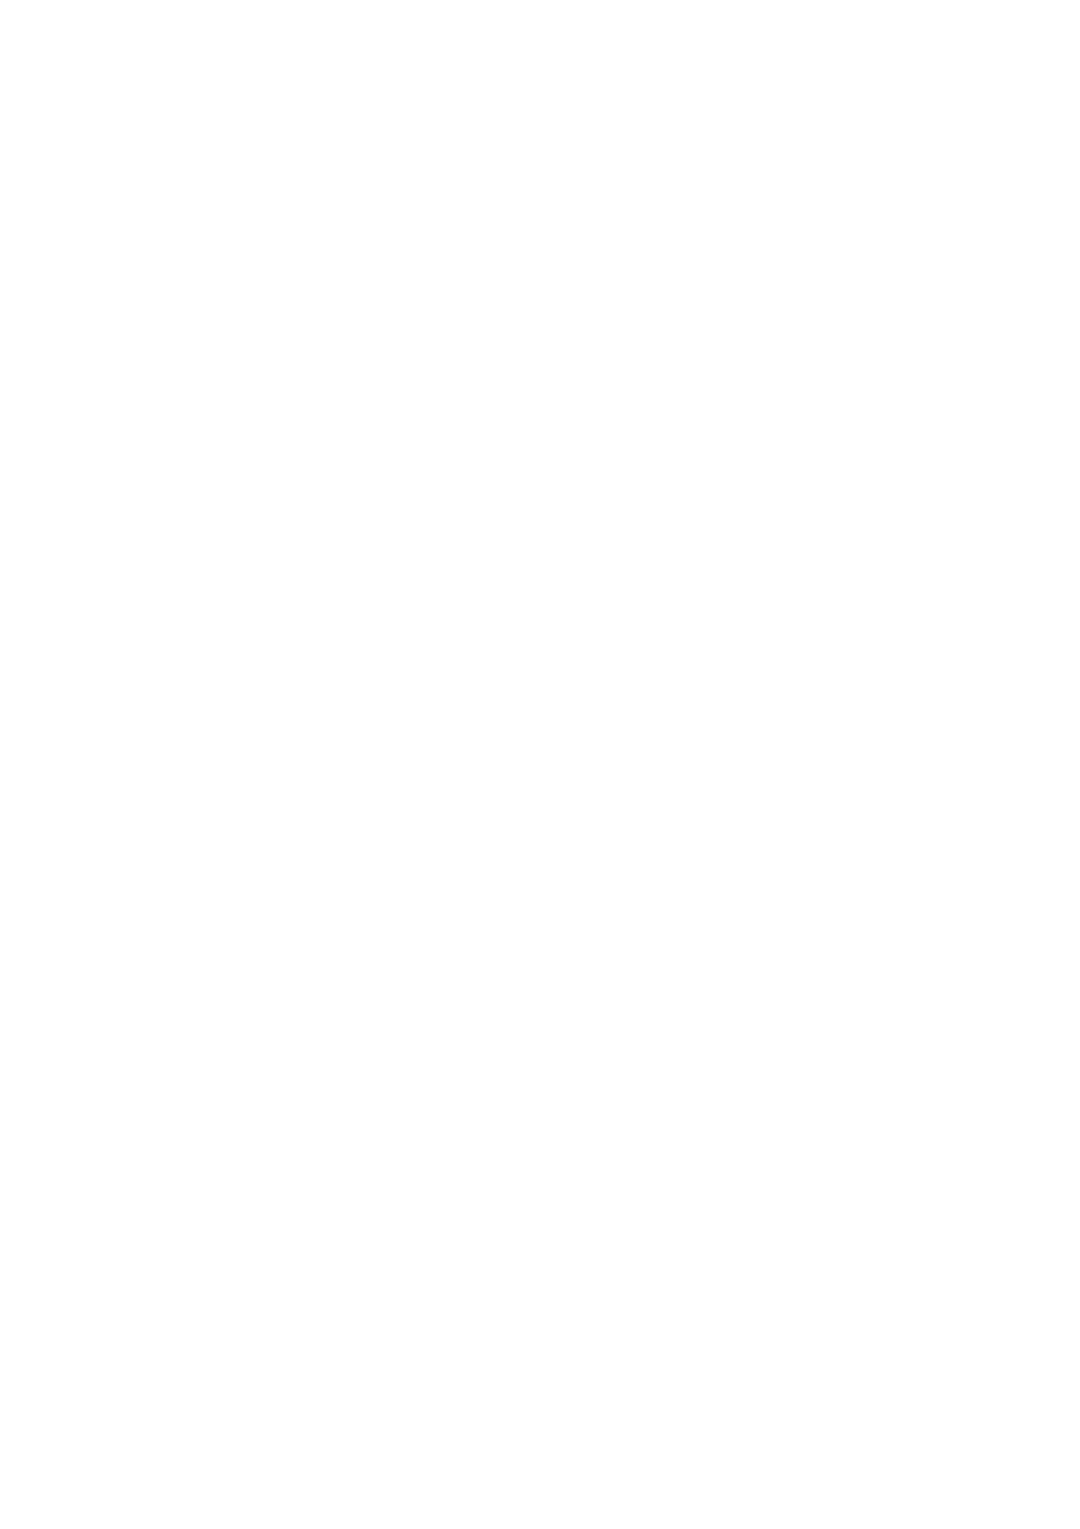 【エロ同人誌】薬の作用で女の子の身体になろうとしている元ショタ…それを食い止めるべく怪しい隣町に仲良しの男友達と行くことに!通行許可証になる精子を溜めるため電車内でも構わず中出しセックス!【せいしめんたい (しょーりゅーぺん):ハラマチ出張所2】